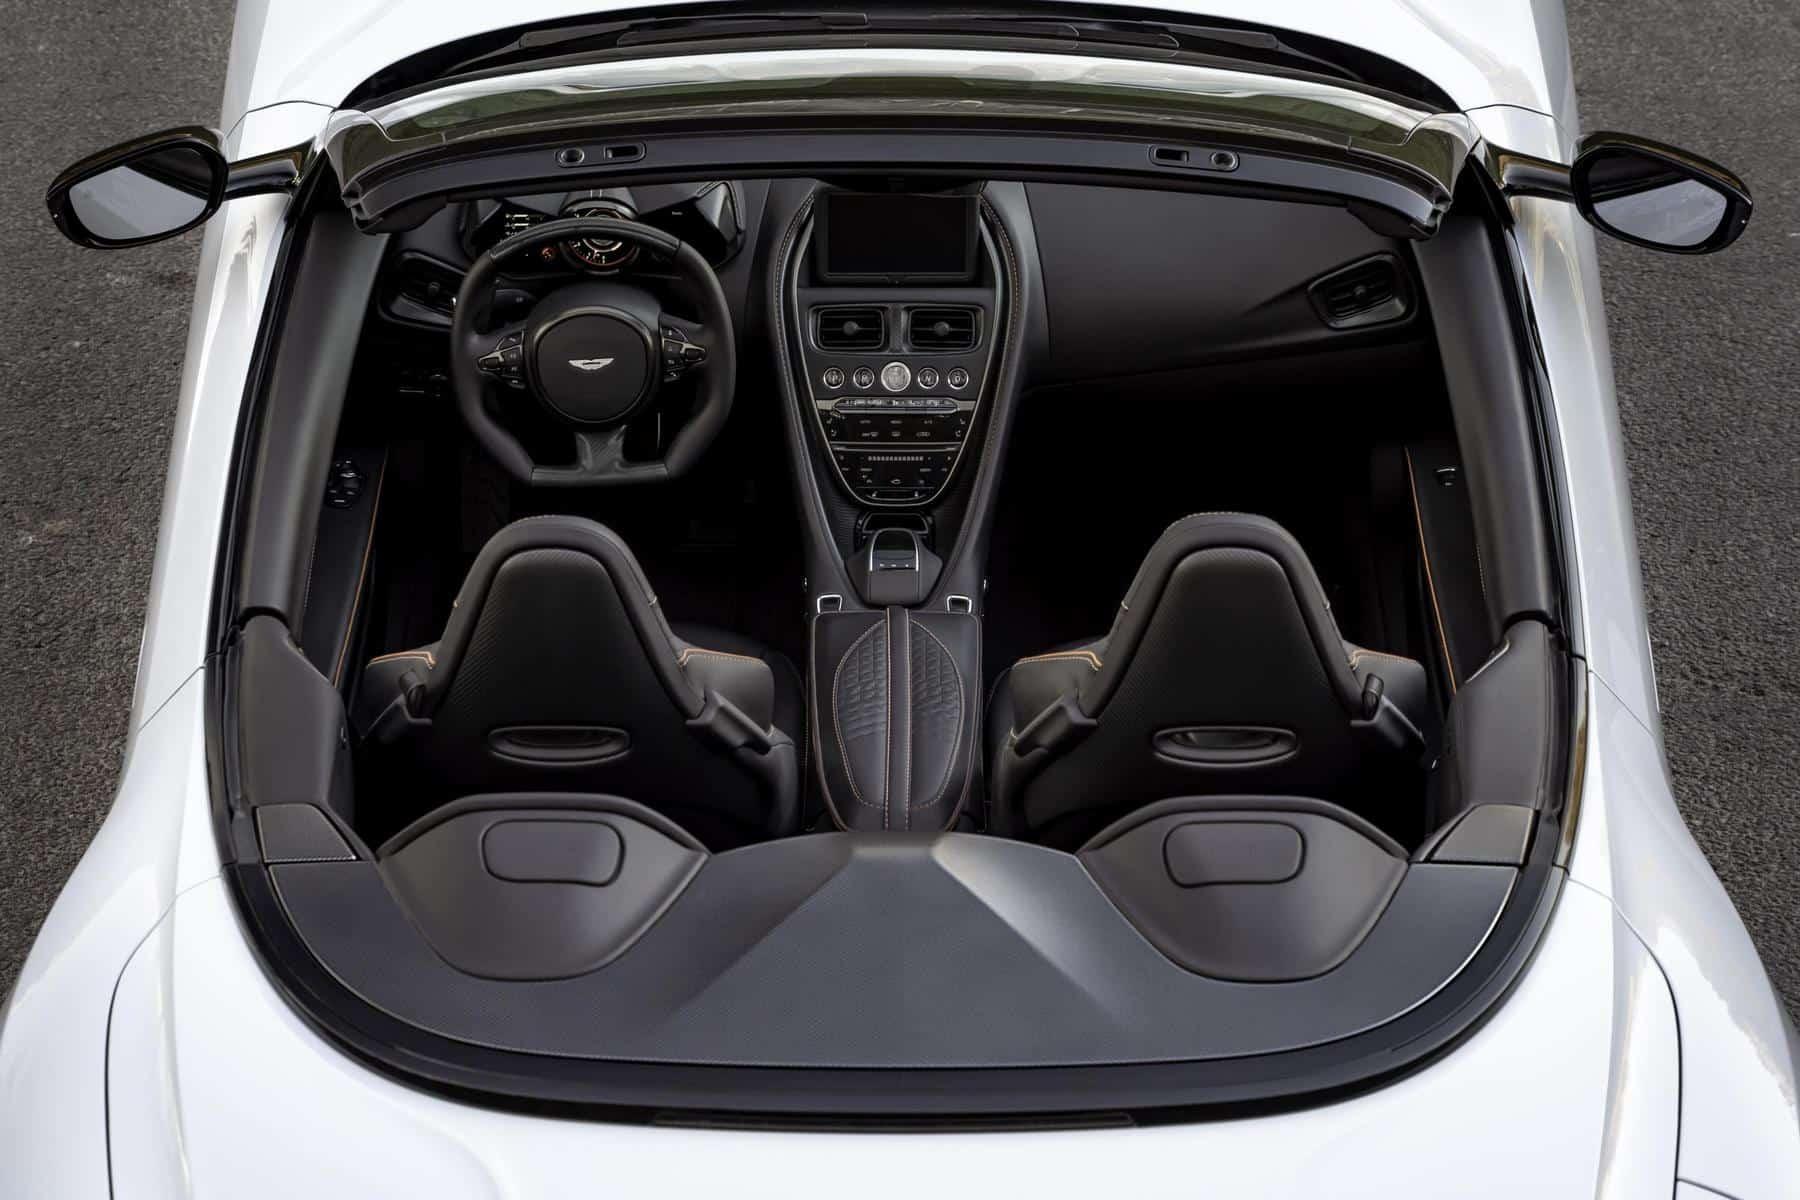 Aston Martin DBS Superleggera 11